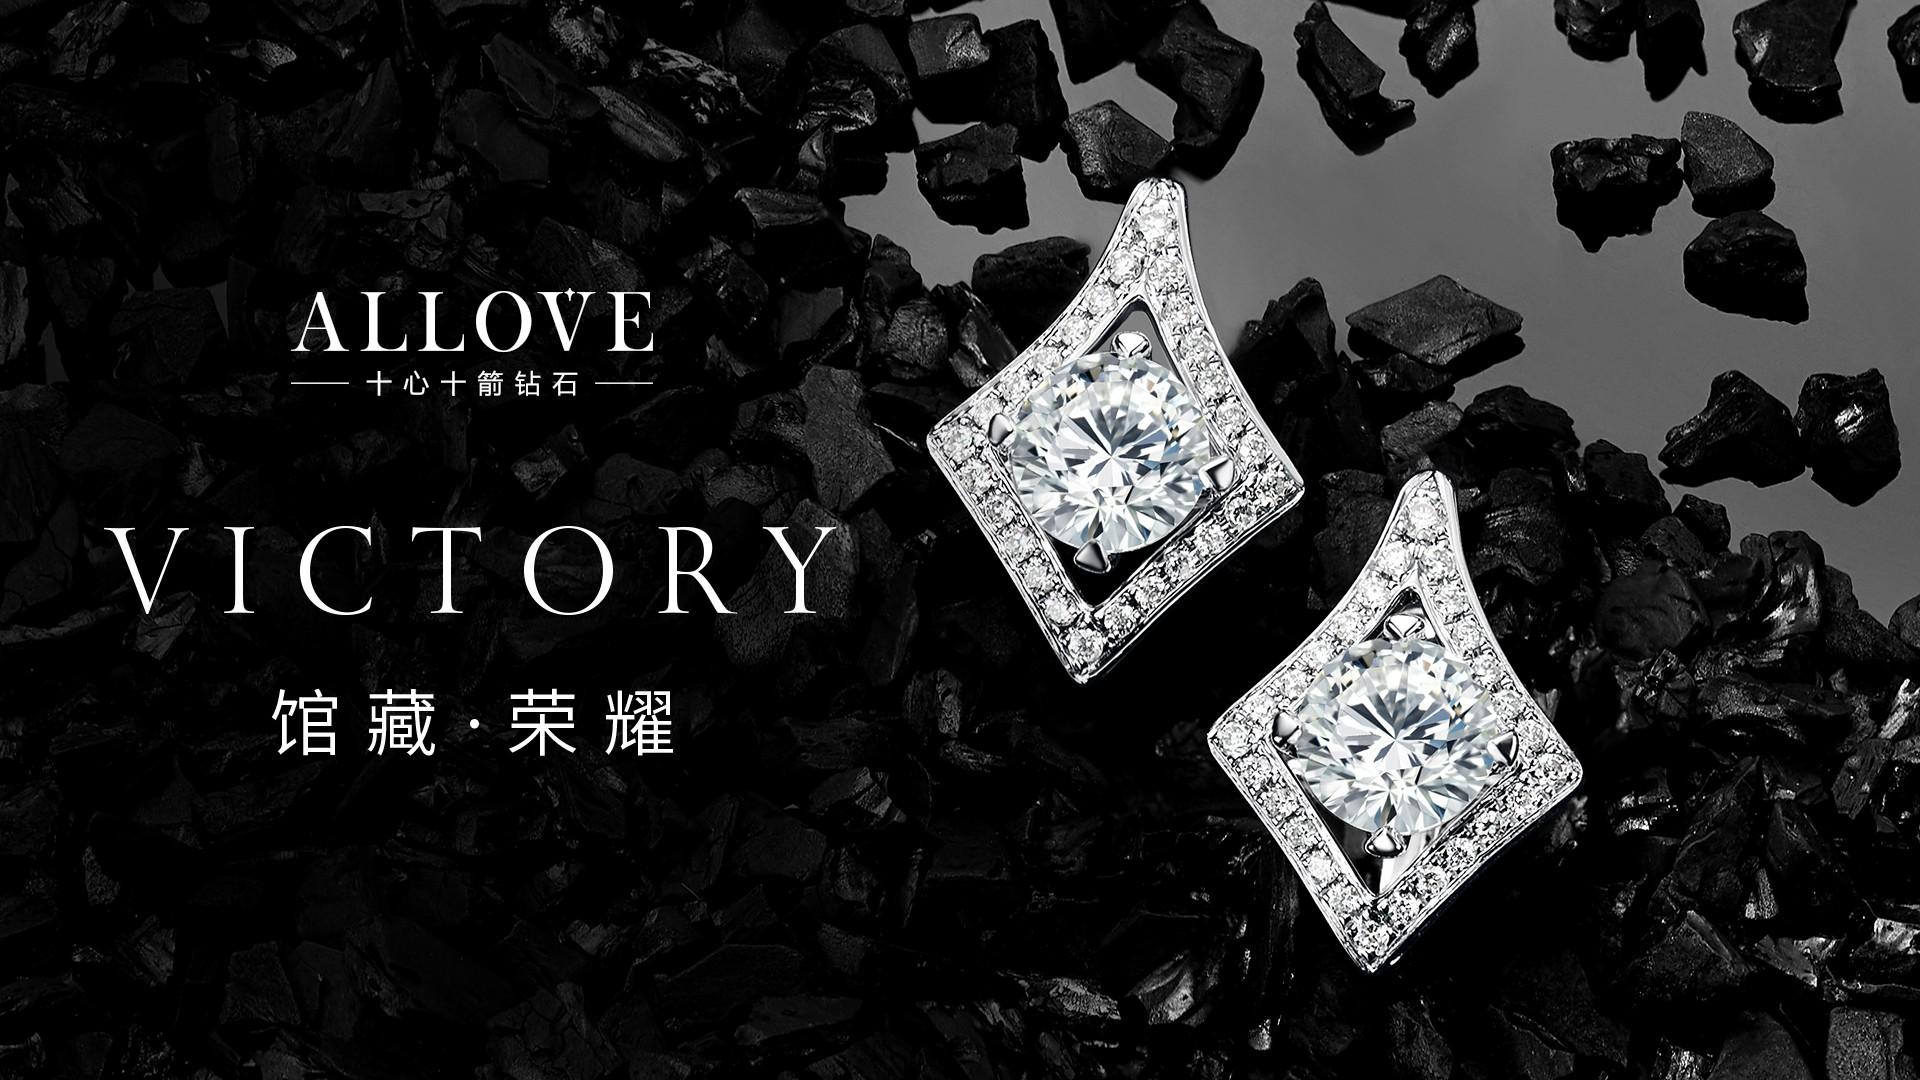 ALLOVE钻石,为你人生中每一个重要时刻加冕